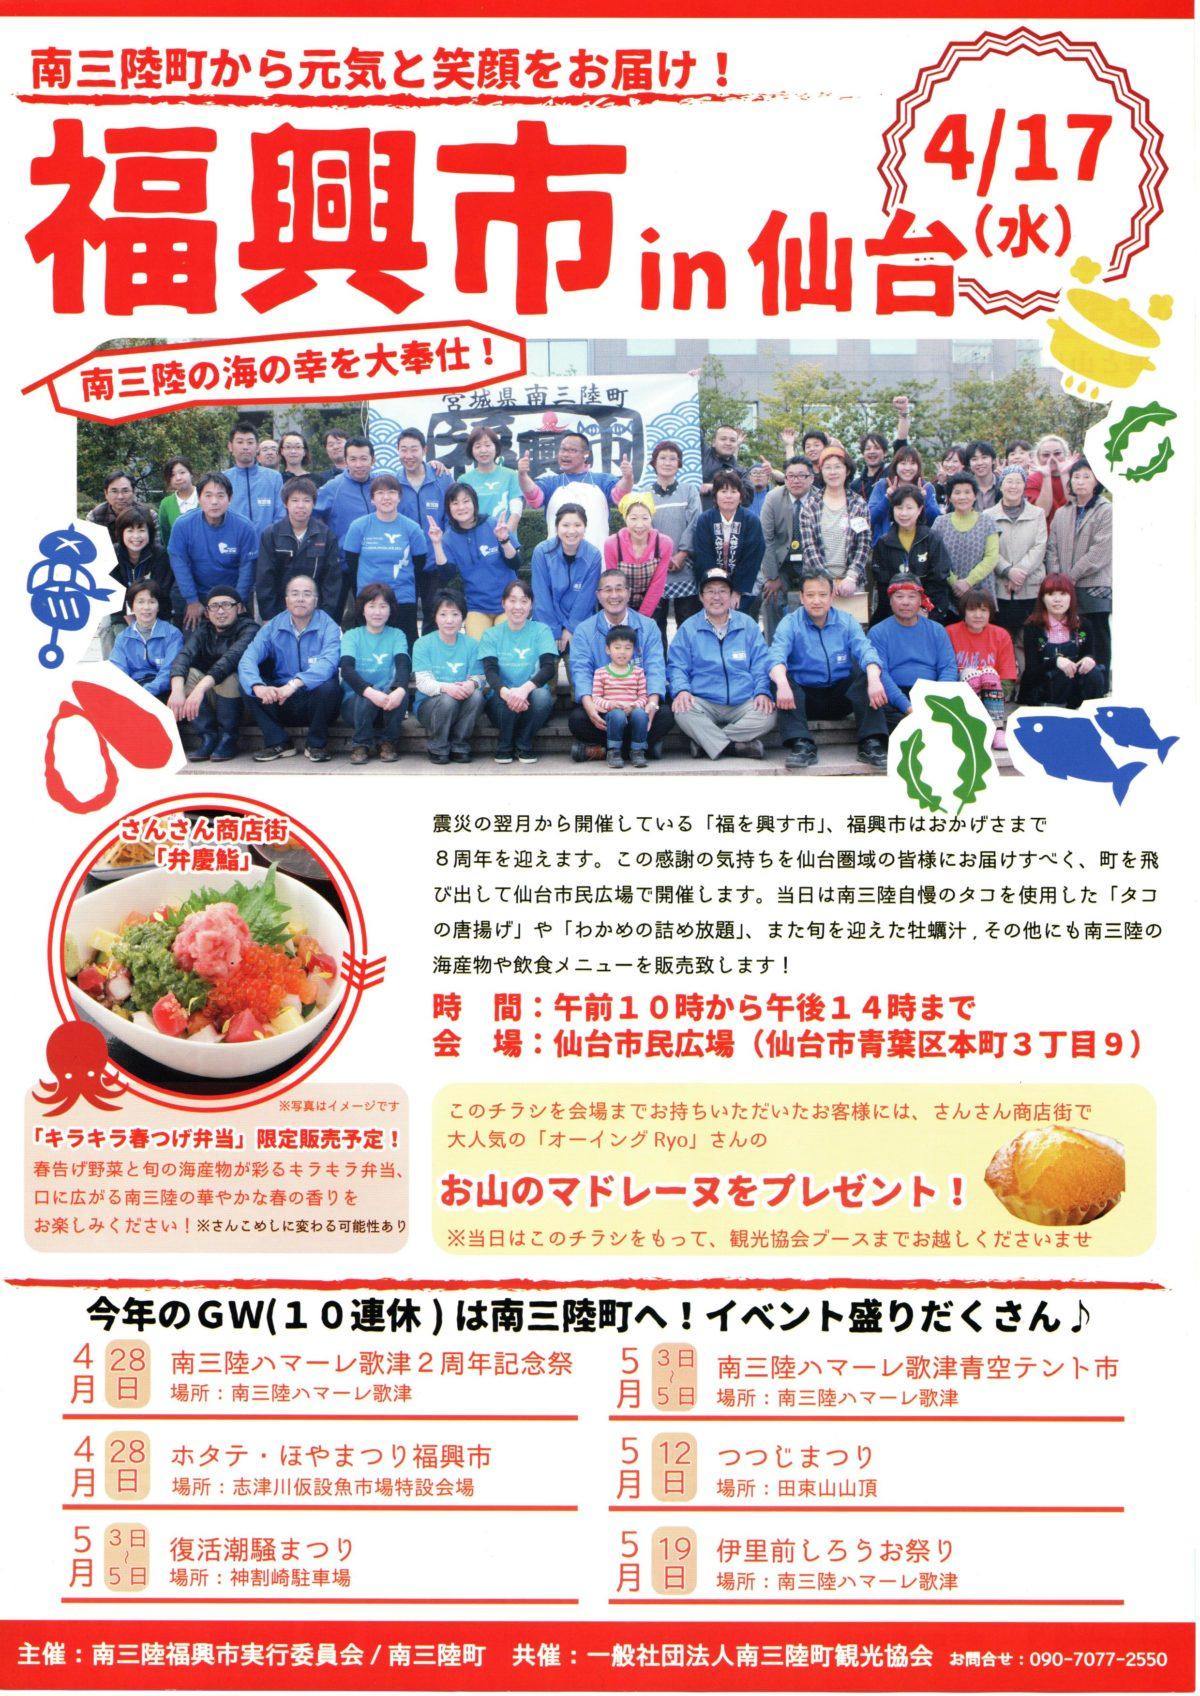 弁慶鮨の「キラキラ春告げ丼」を限定販売!4月17日(水)『福興市 in 仙台』開催!